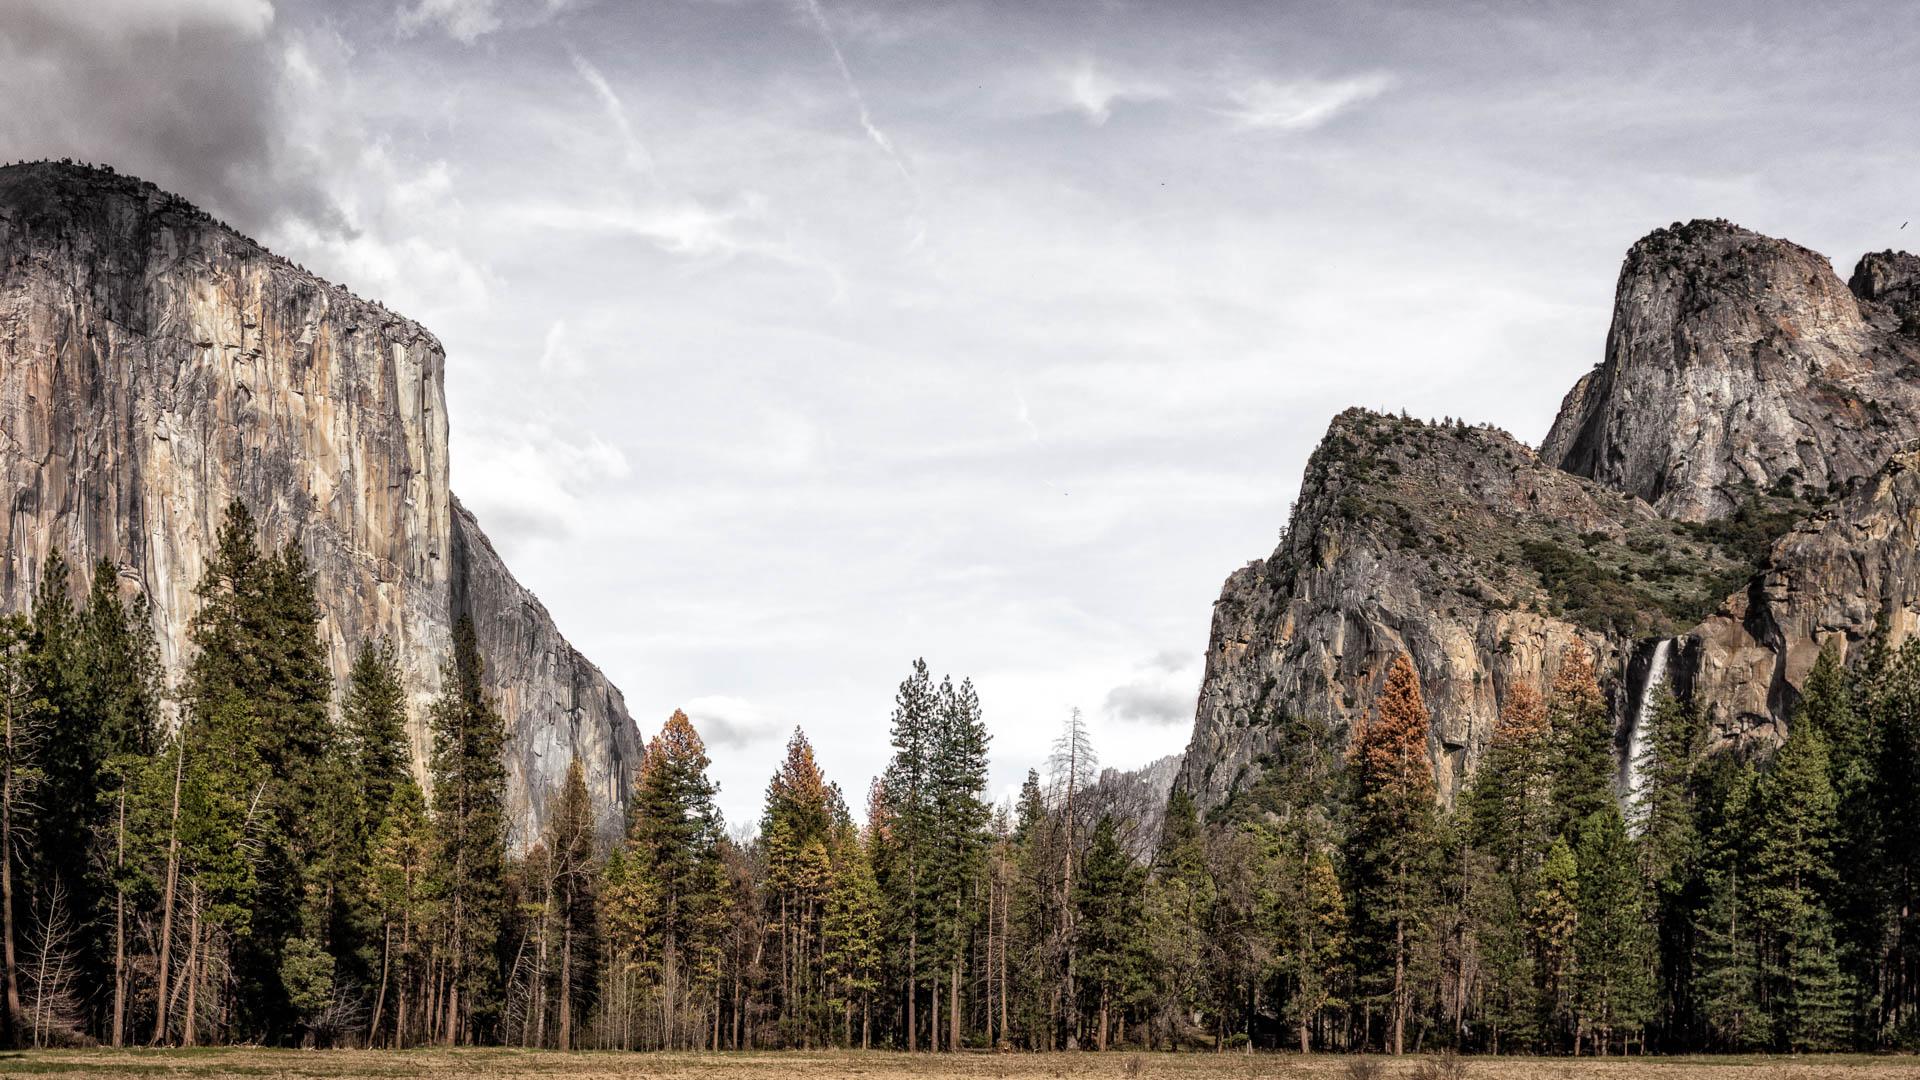 LDKphoto - Yosemite - 02.jpg